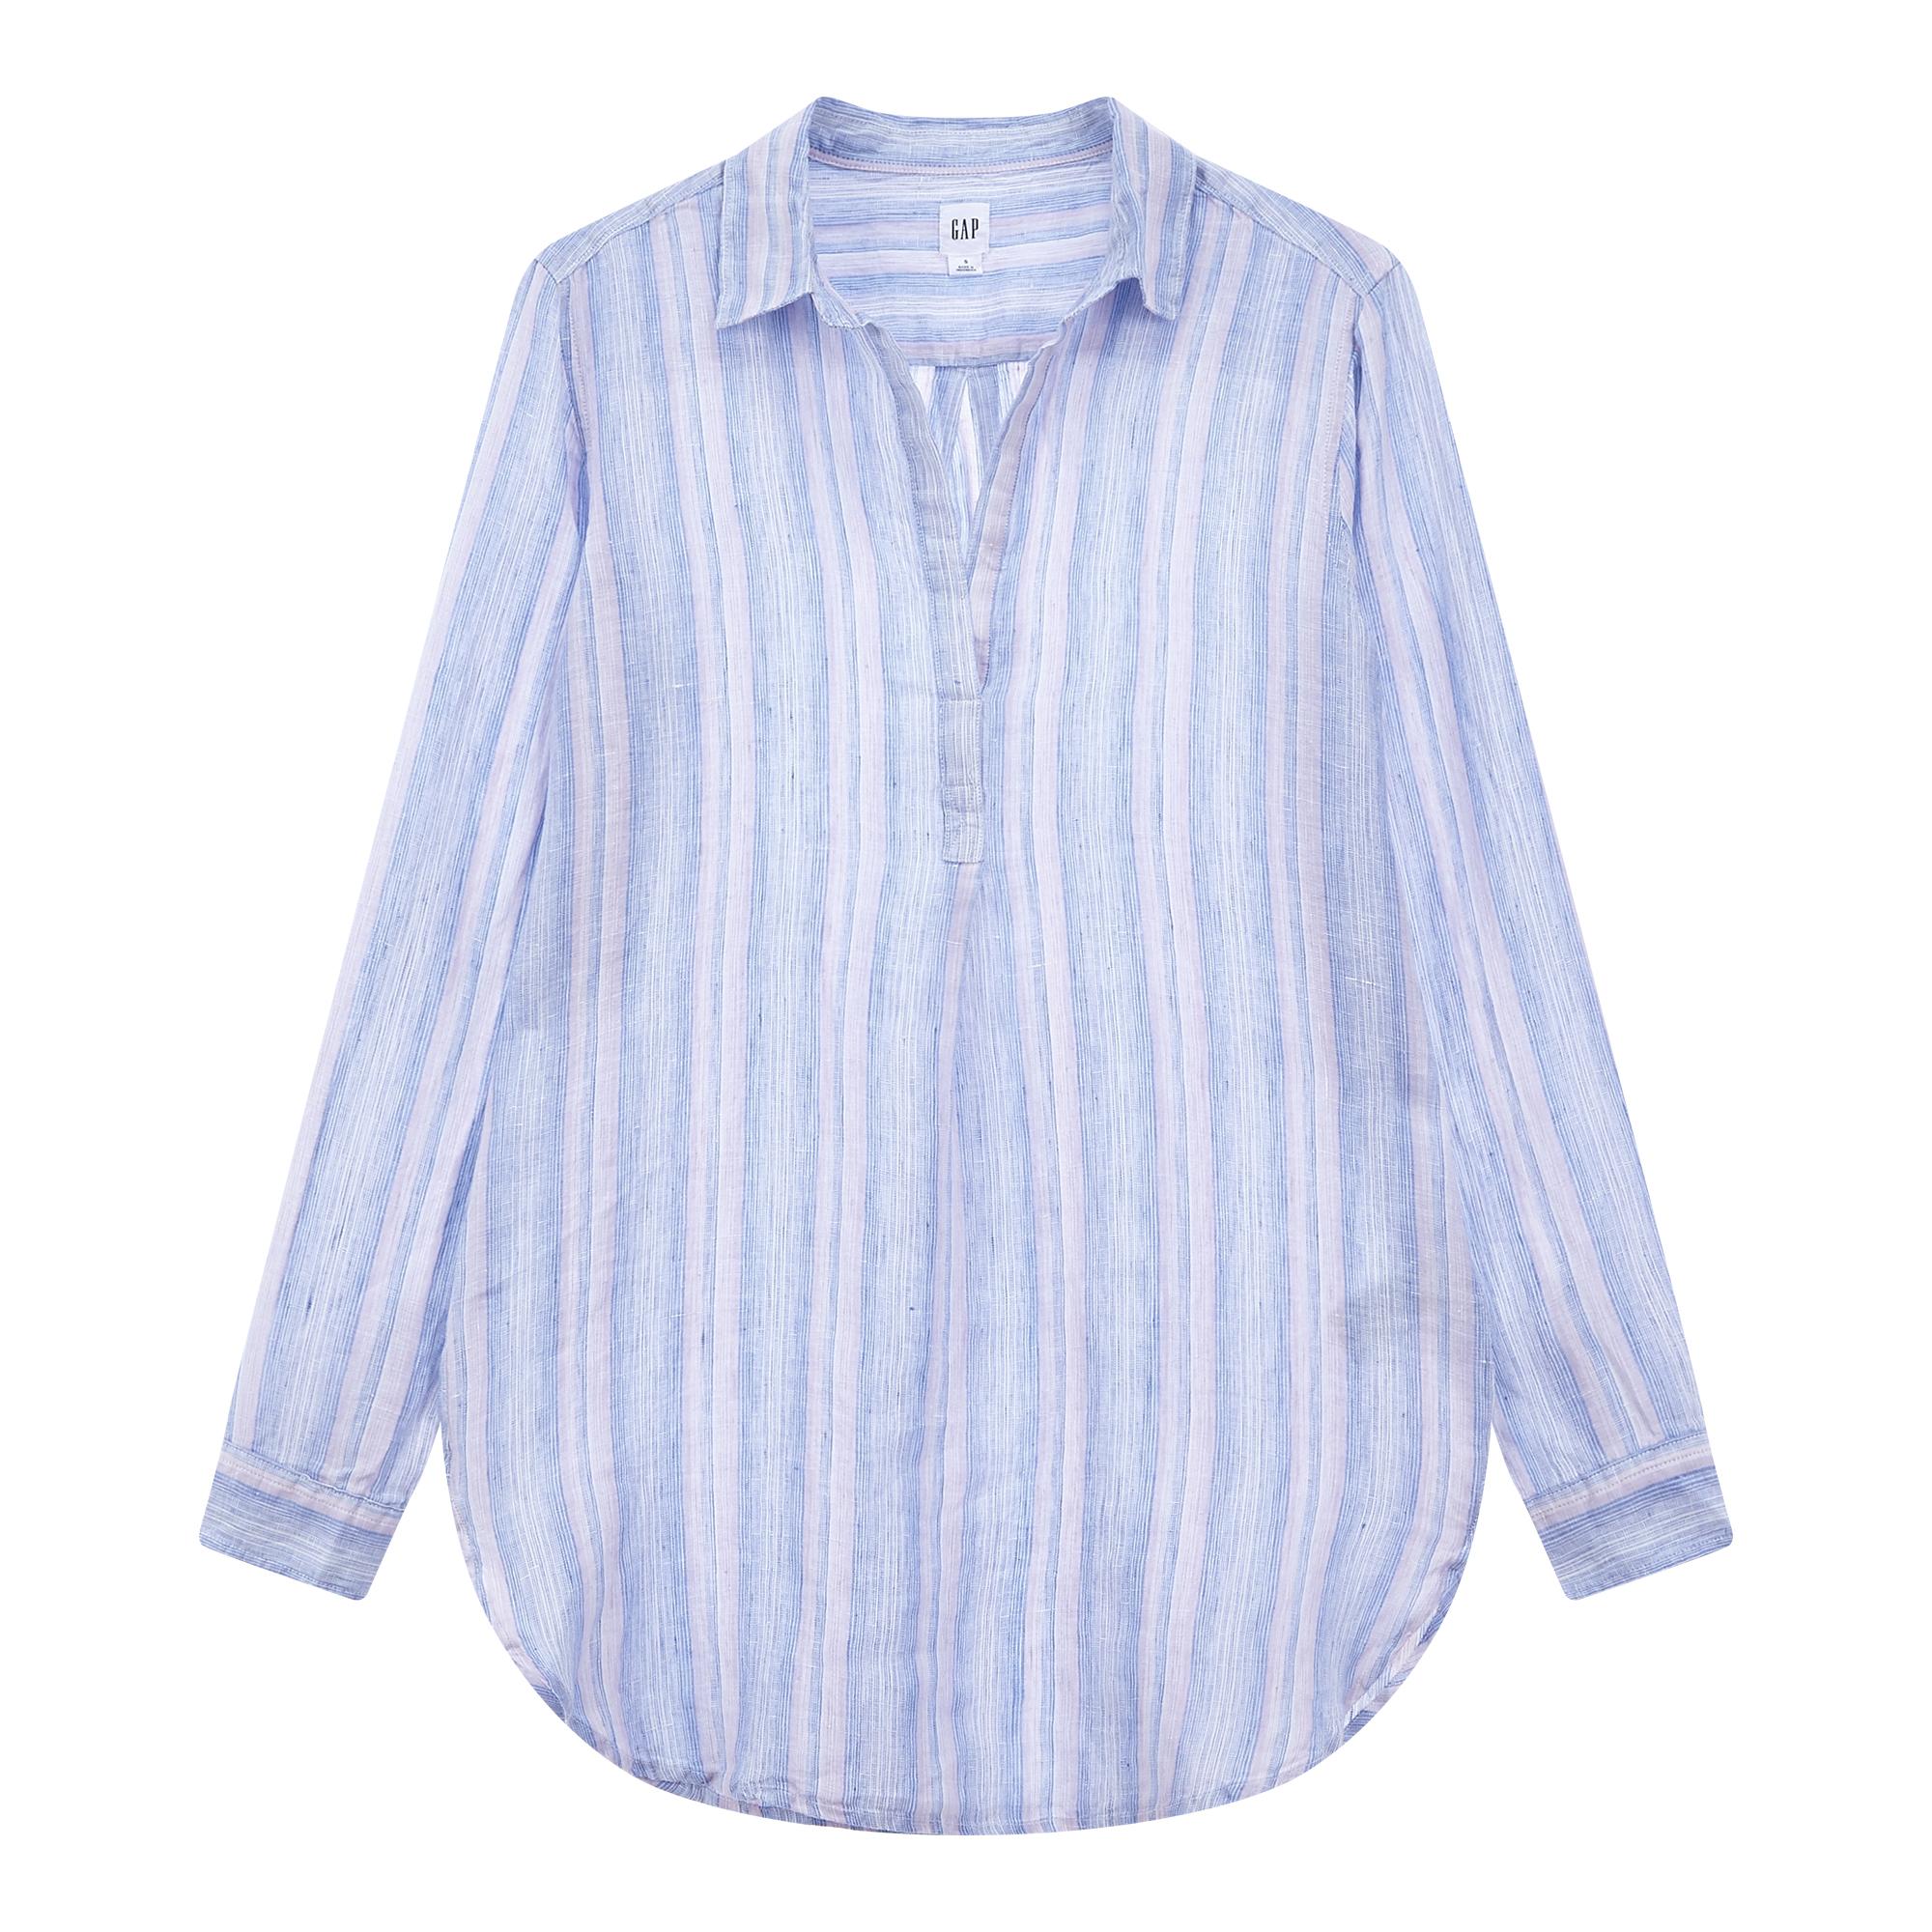 ★갭 여성 19년 SPRING★ 컬러 믹스 스트라이프 린넨 셔츠